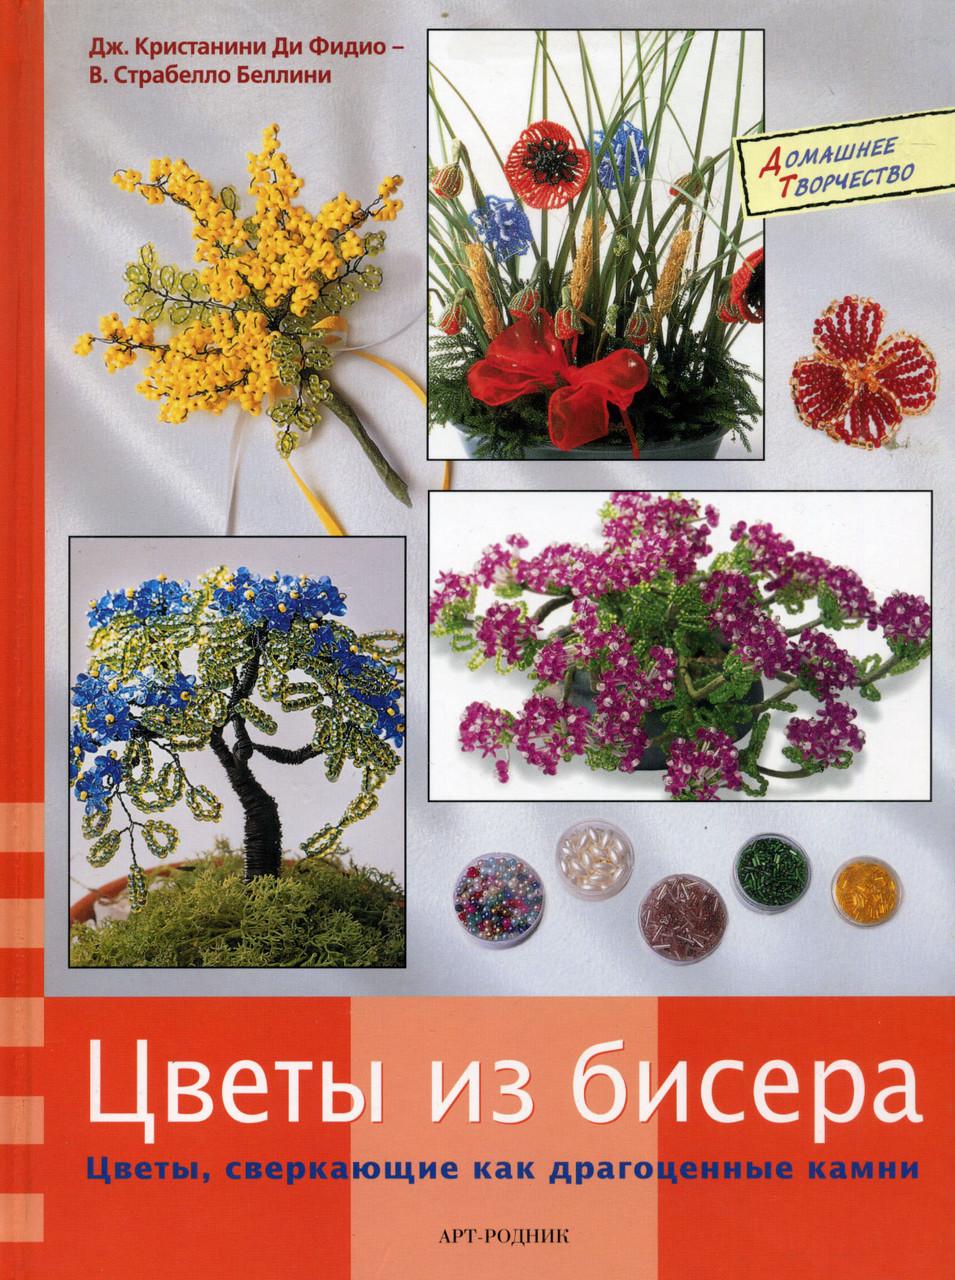 """""""Цветы из бисера"""".  Цветы, сверкающие как драгоценные камни.   Дж. Кристанини Ди Фидио - в. Страбелло Беллини"""